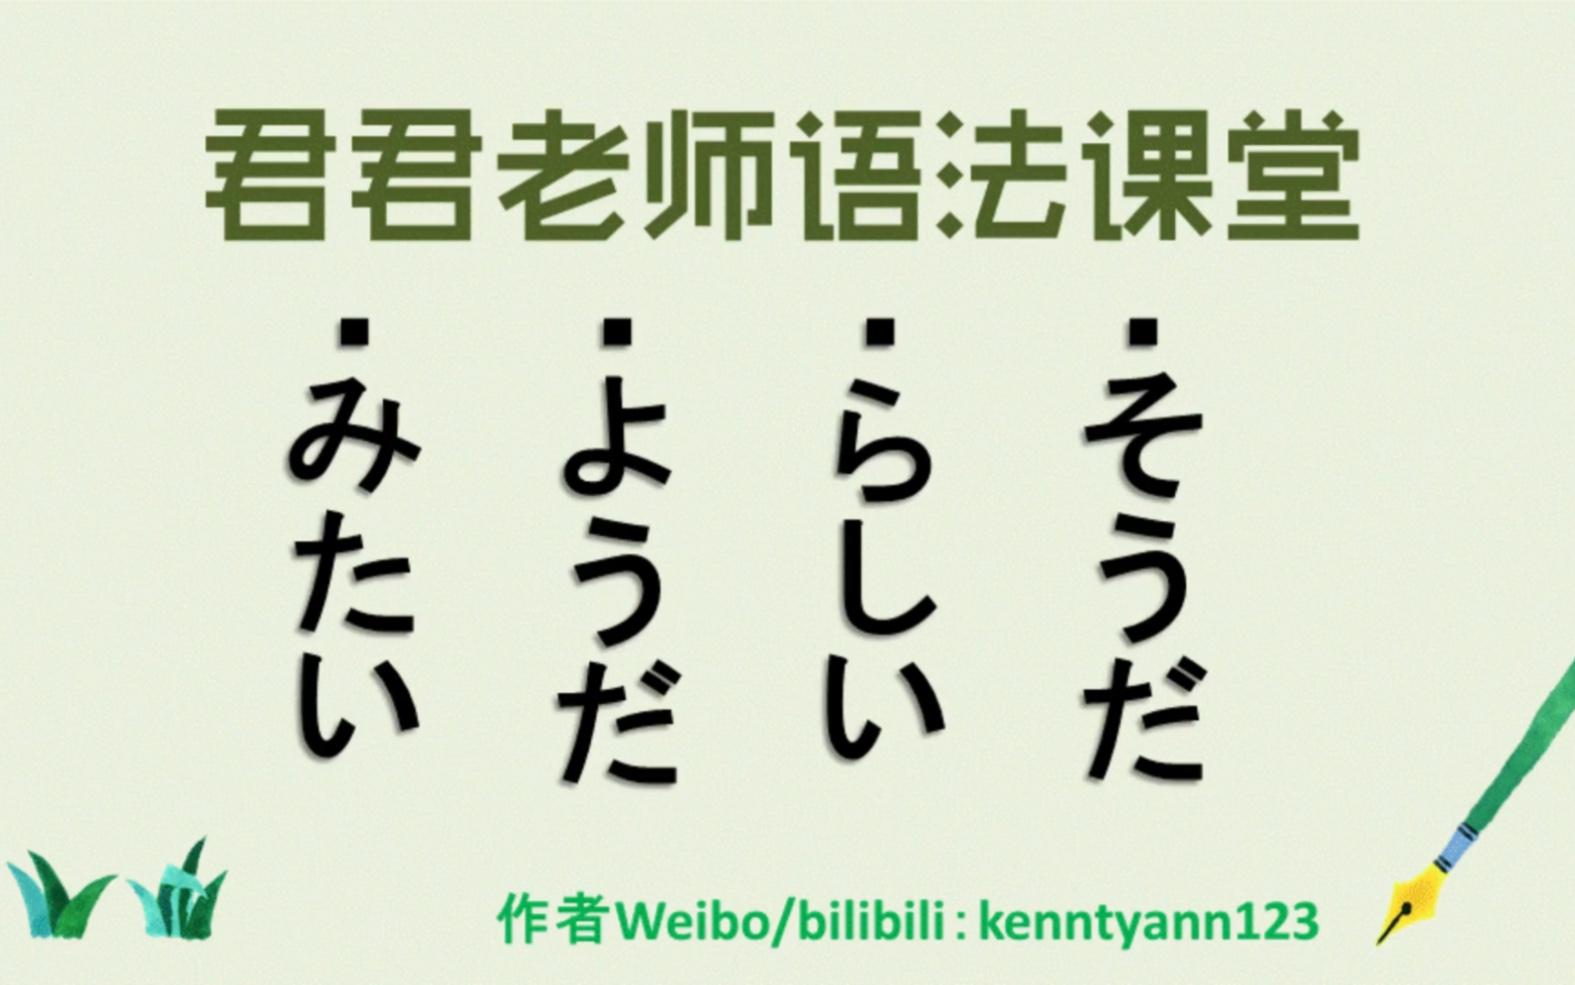 日語學習 語法課堂 そうだ らしい ようだ みたい 近義詞辨析 ...